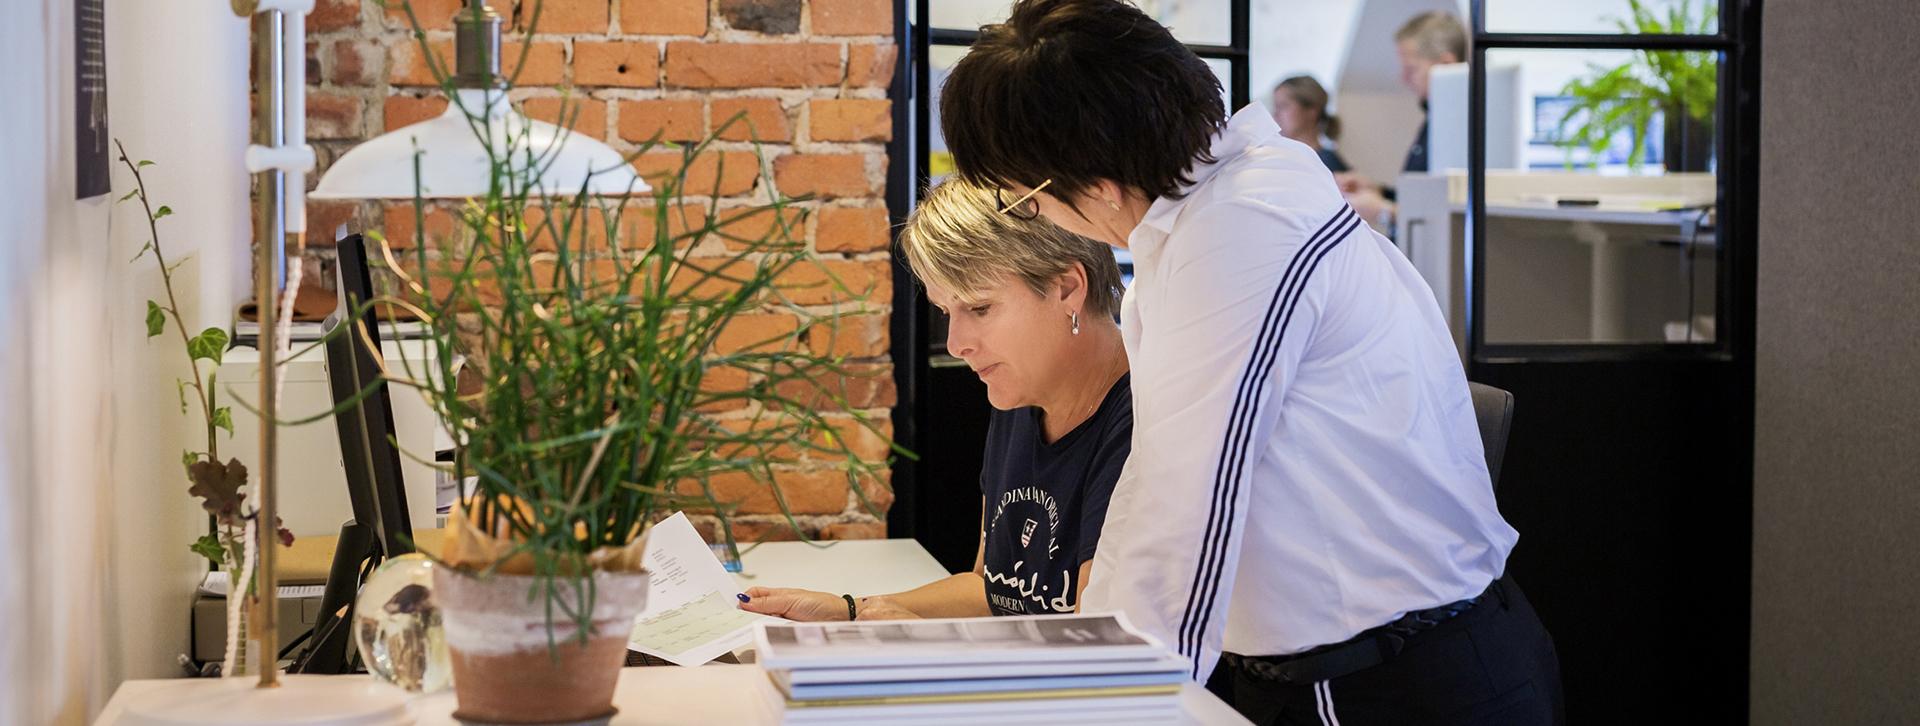 Rådgivning och Nätverk - Två kvinnor vid ett skrivbord